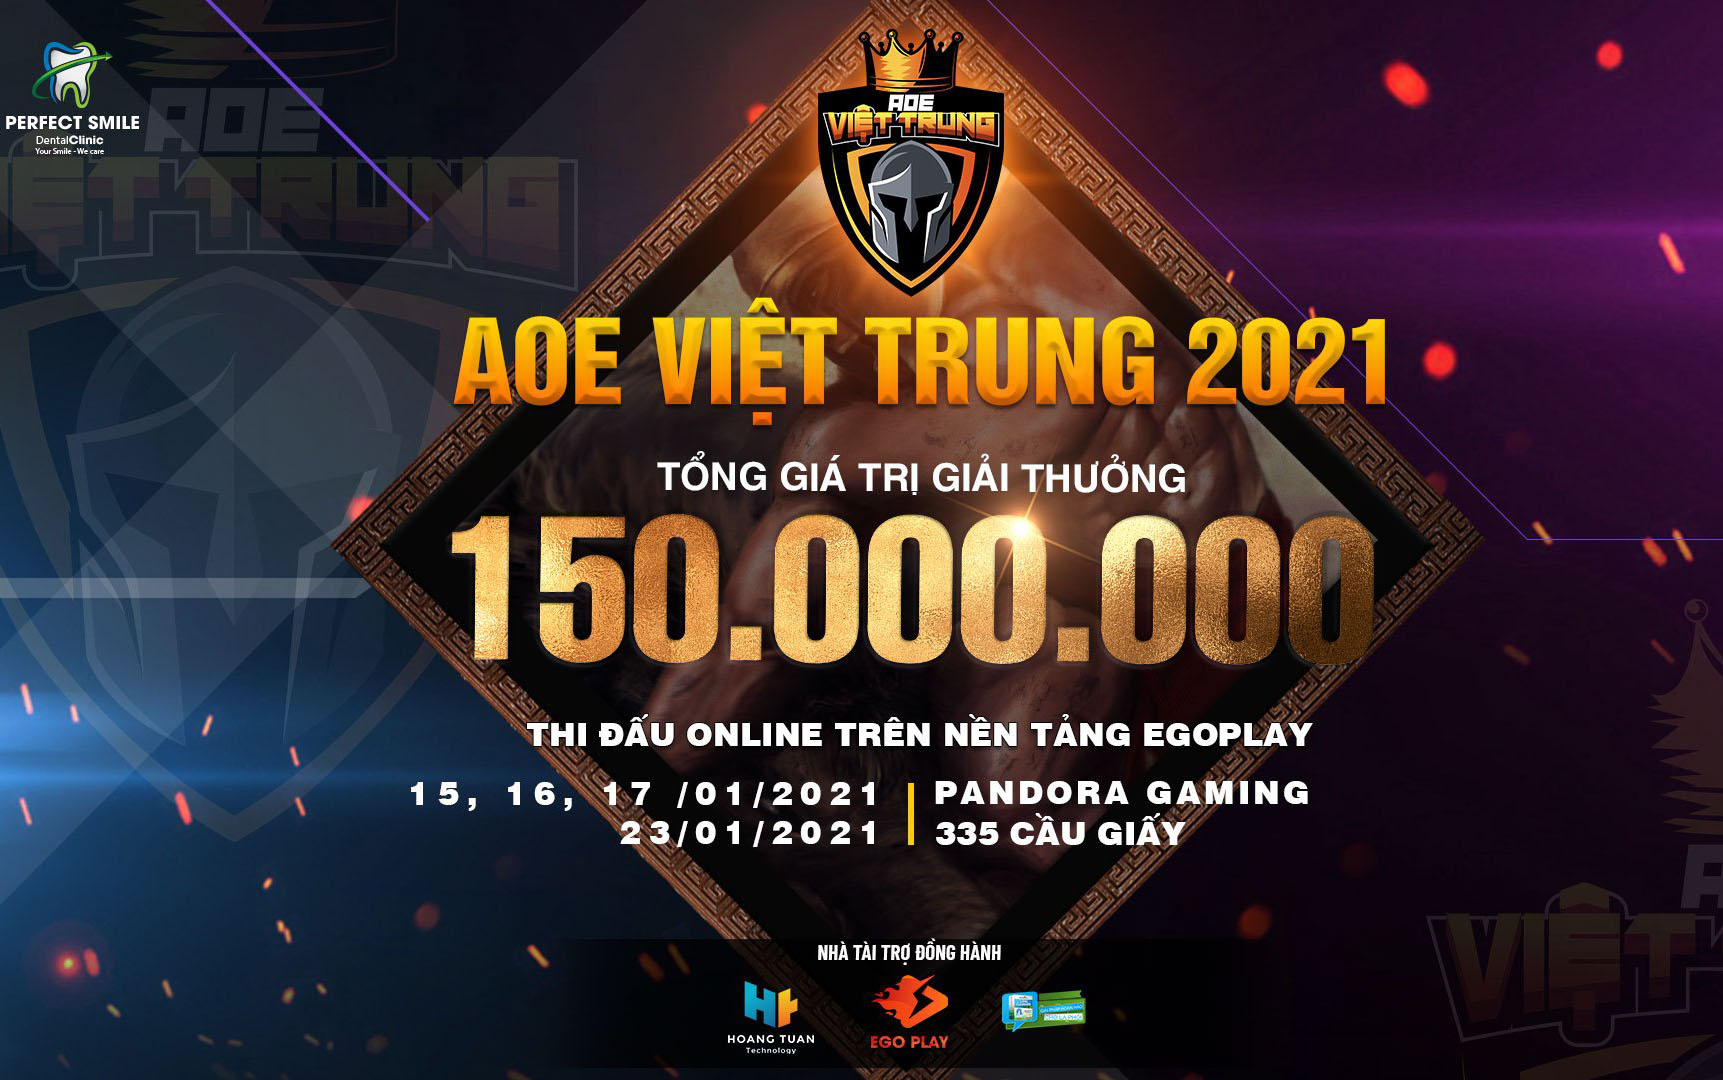 AoE Việt Trung 2021: Tường thuật trực tiếp ngày thi đấu thứ nhất